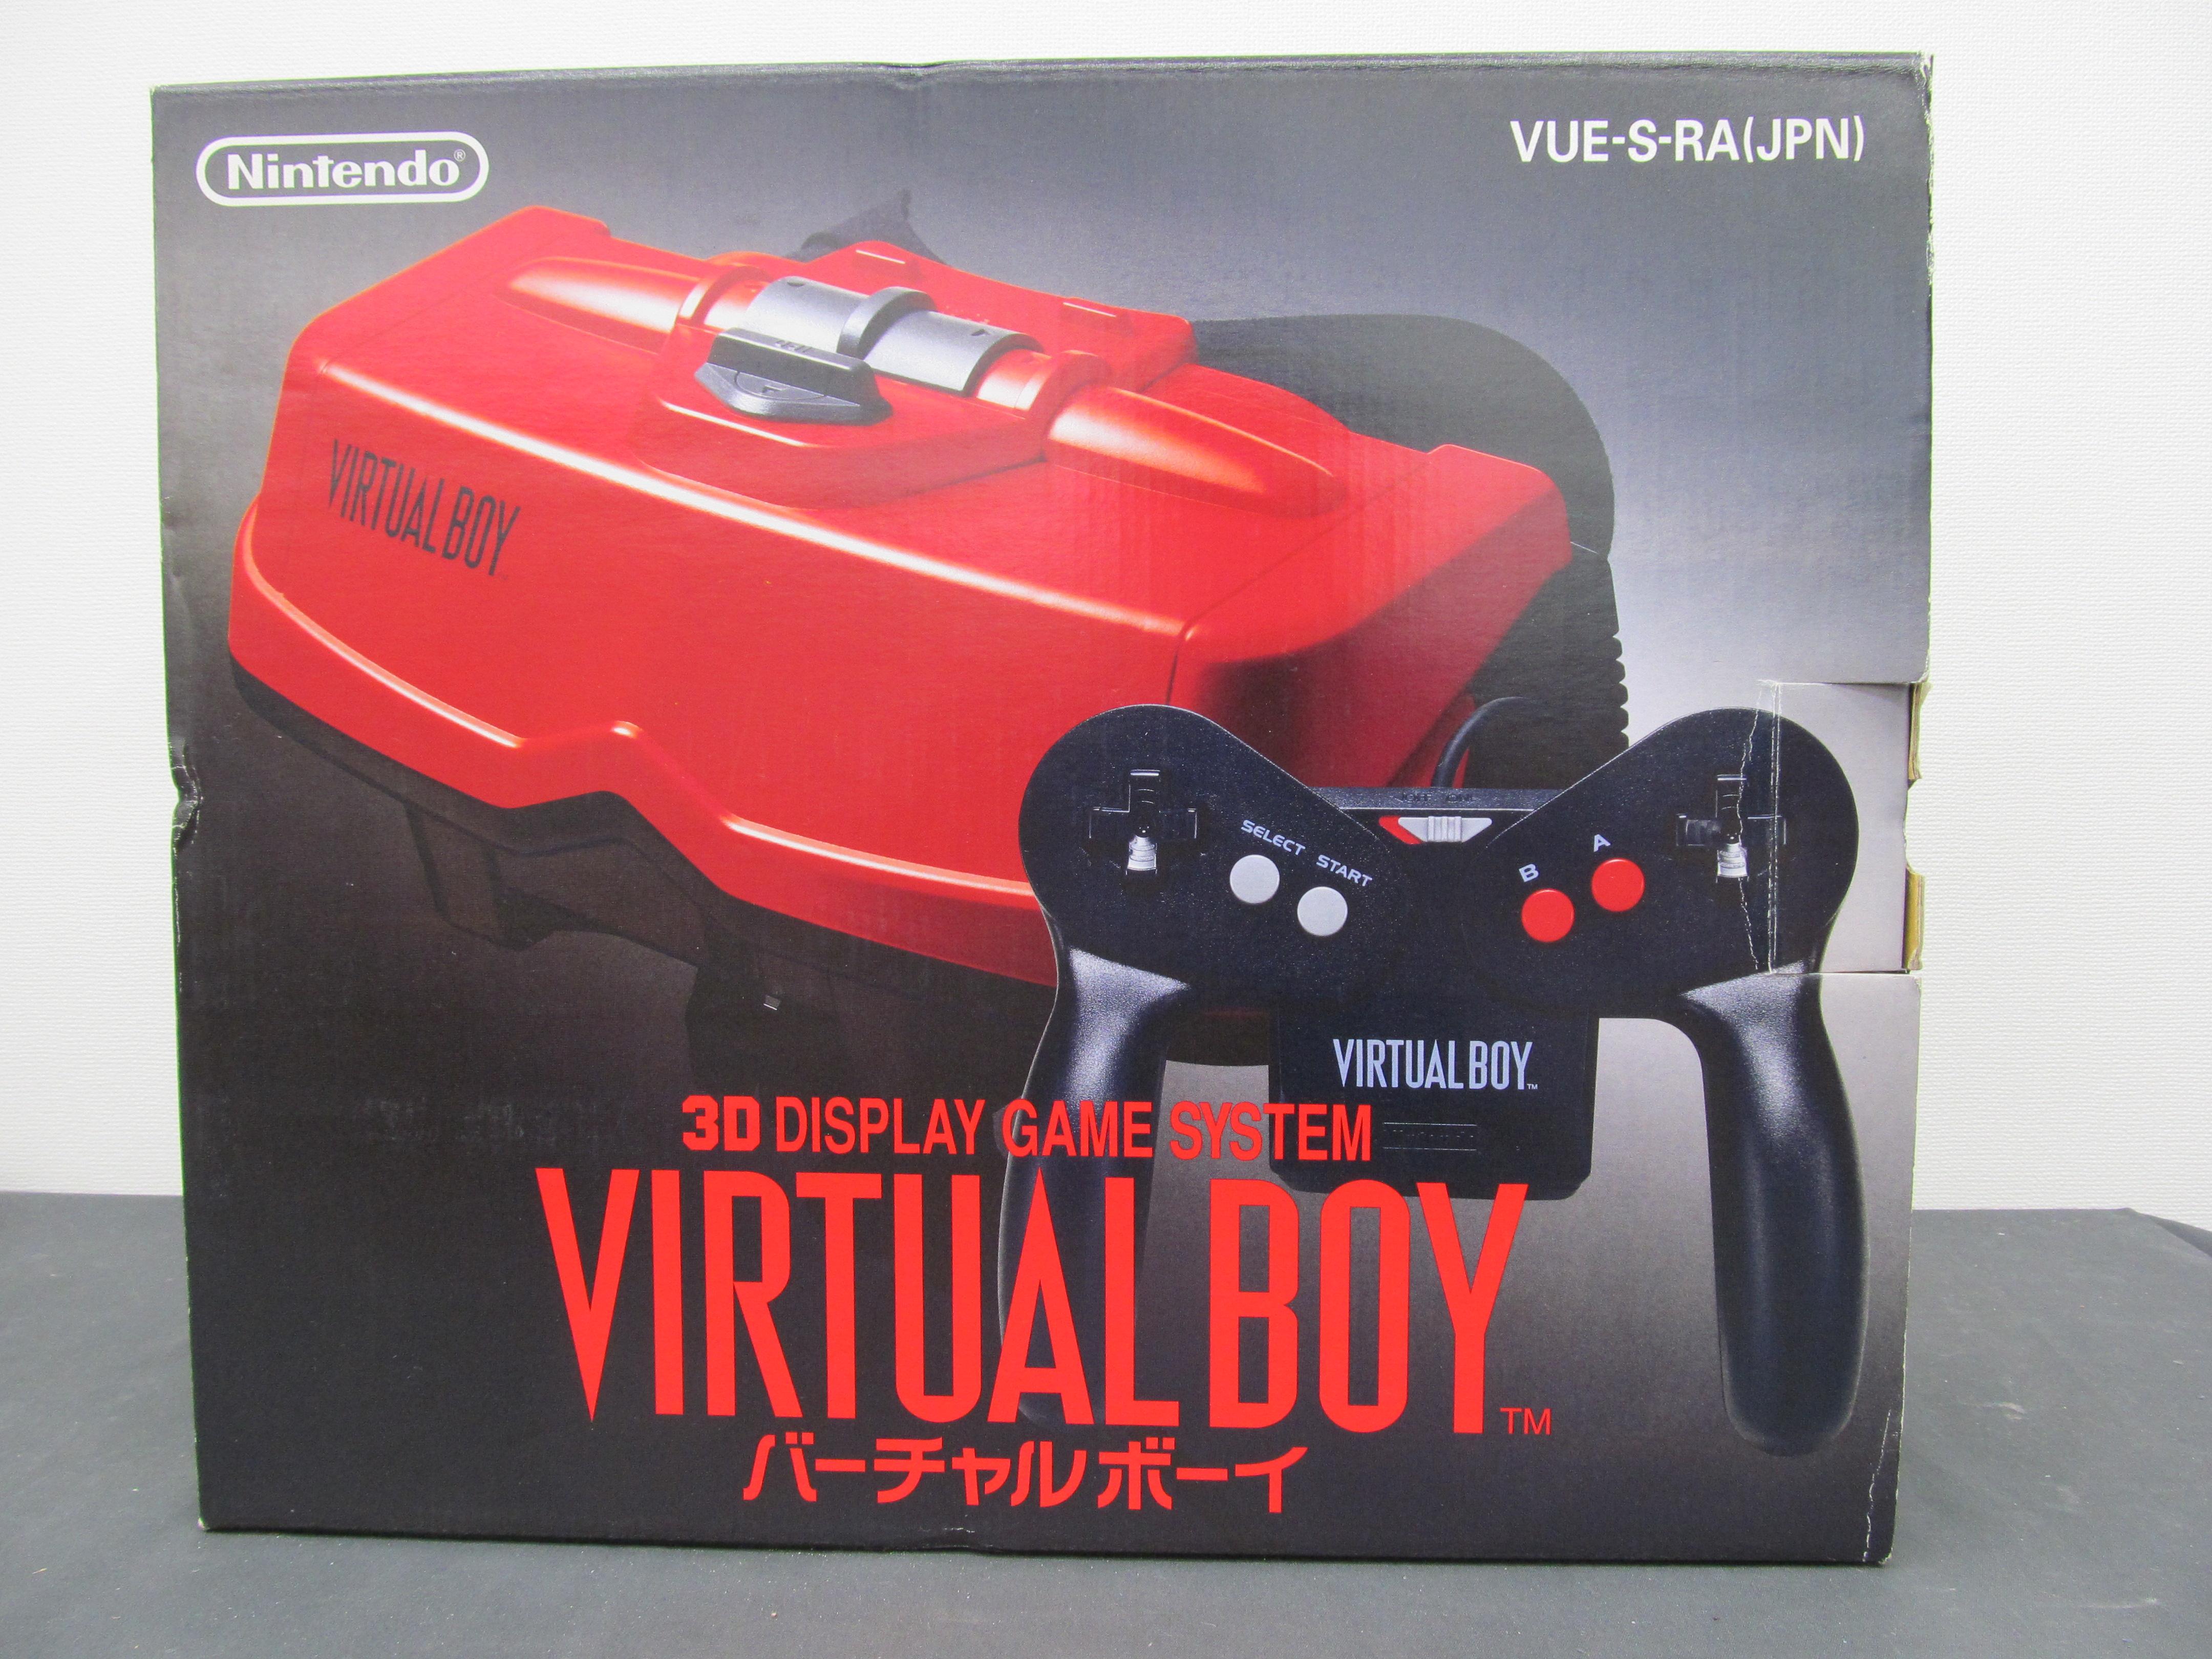 1995年発売のVRの先駆けゲーム機!